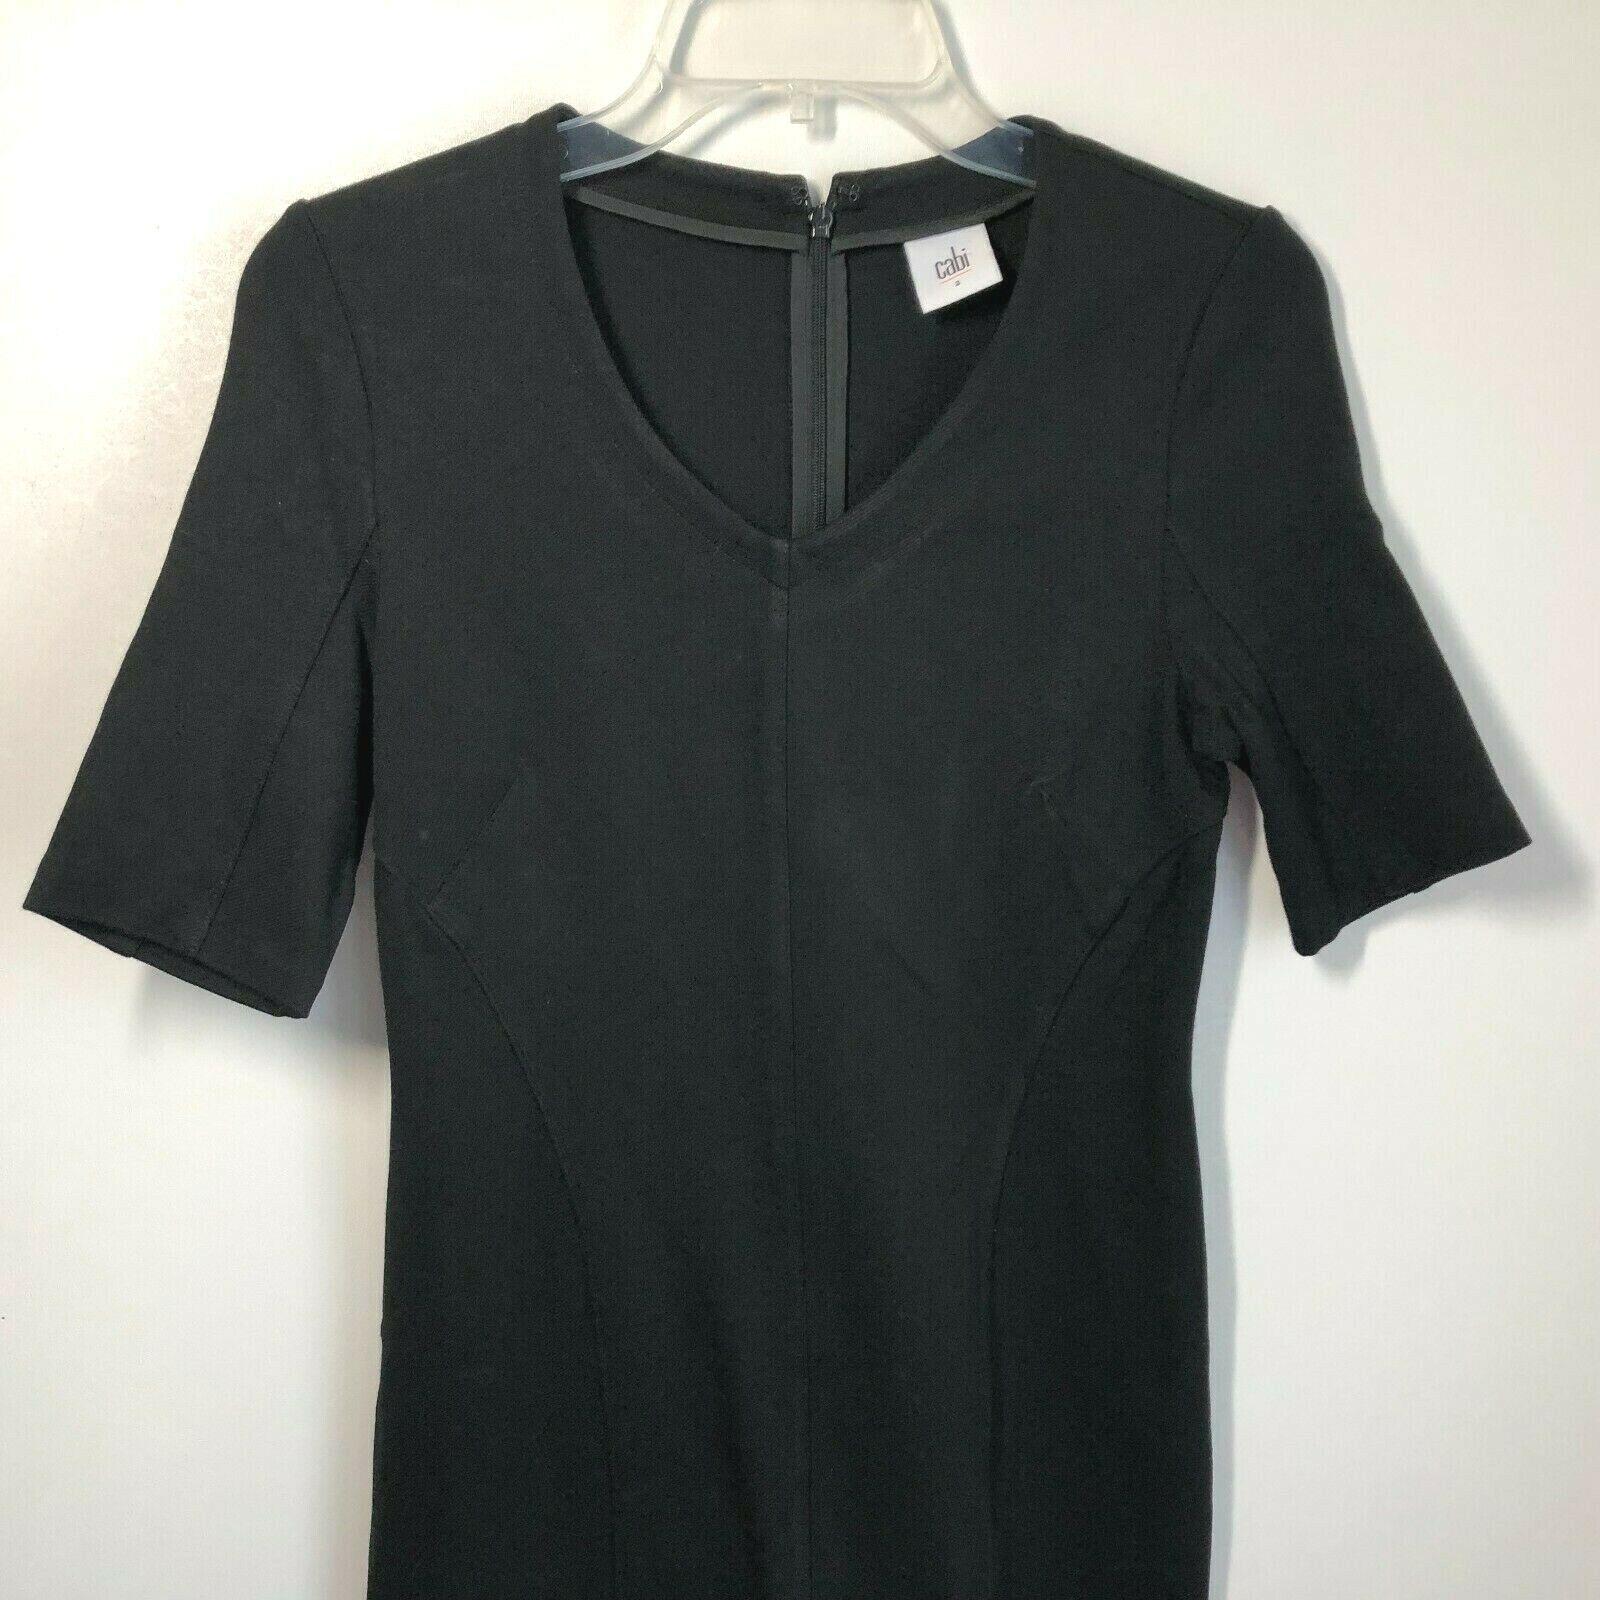 Cabi Size 2 Claire Dress Black Ponte Knit Short S… - image 4